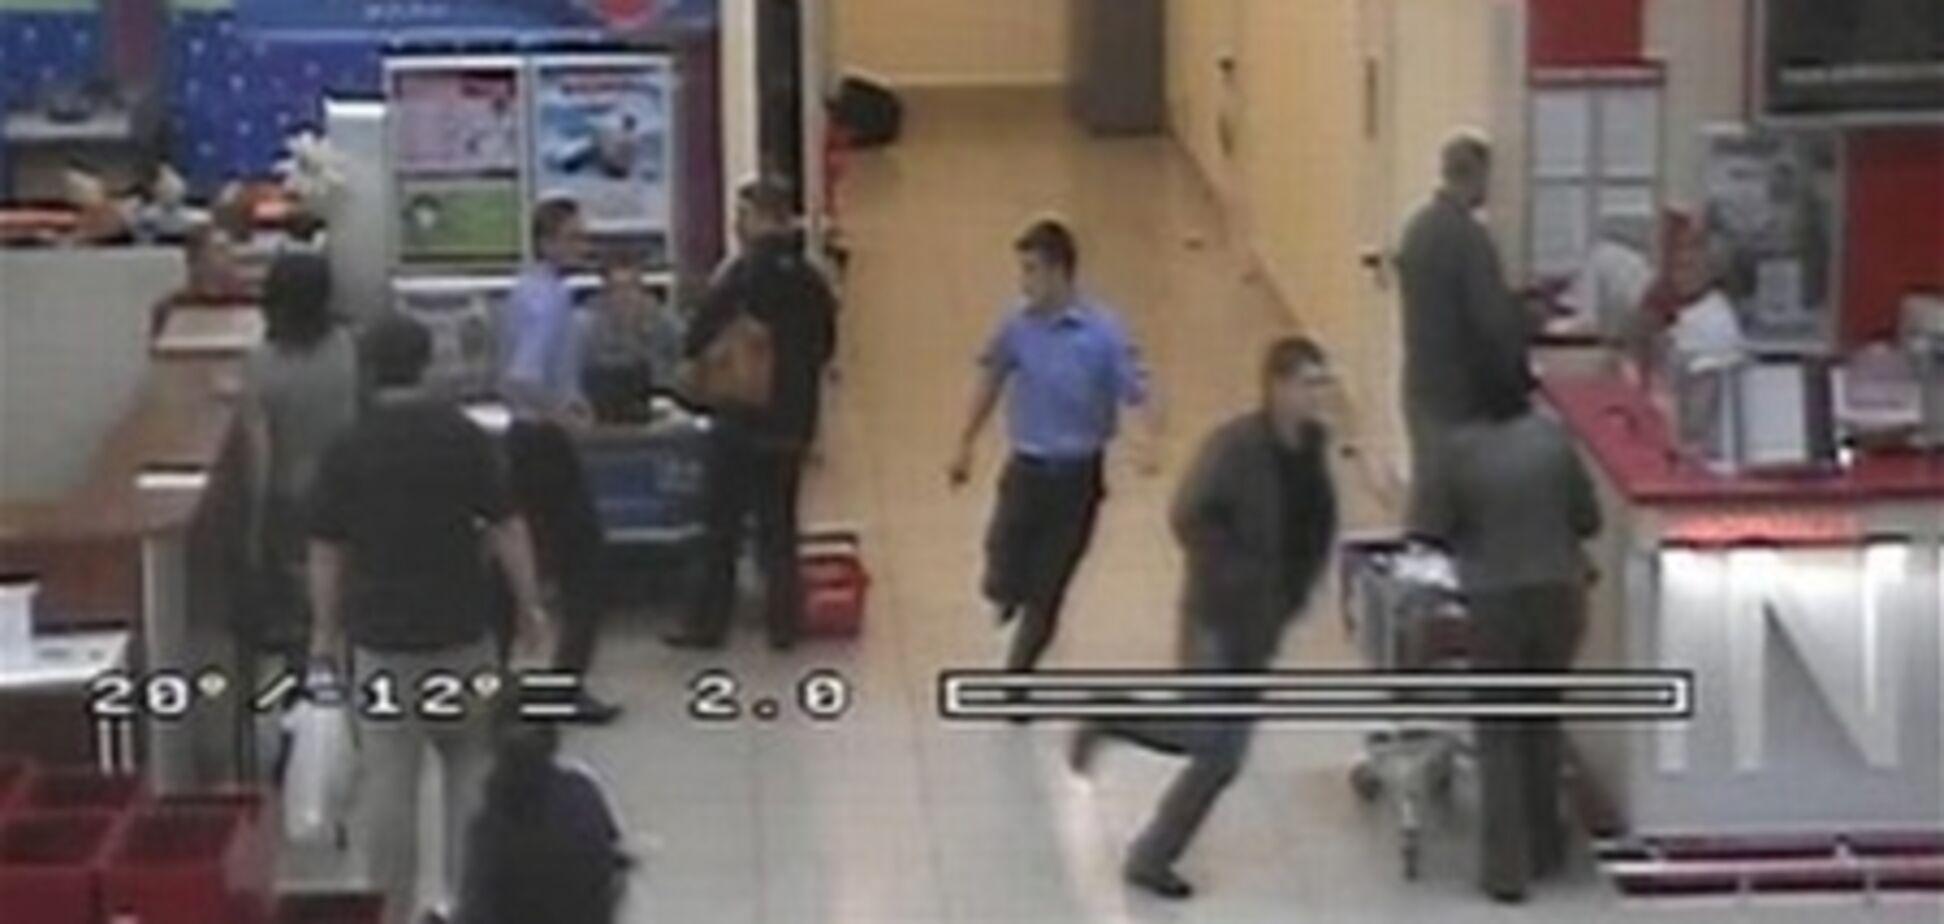 Убийце в 'Караване' не хватило патронов, чтобы добить четвертого охранника